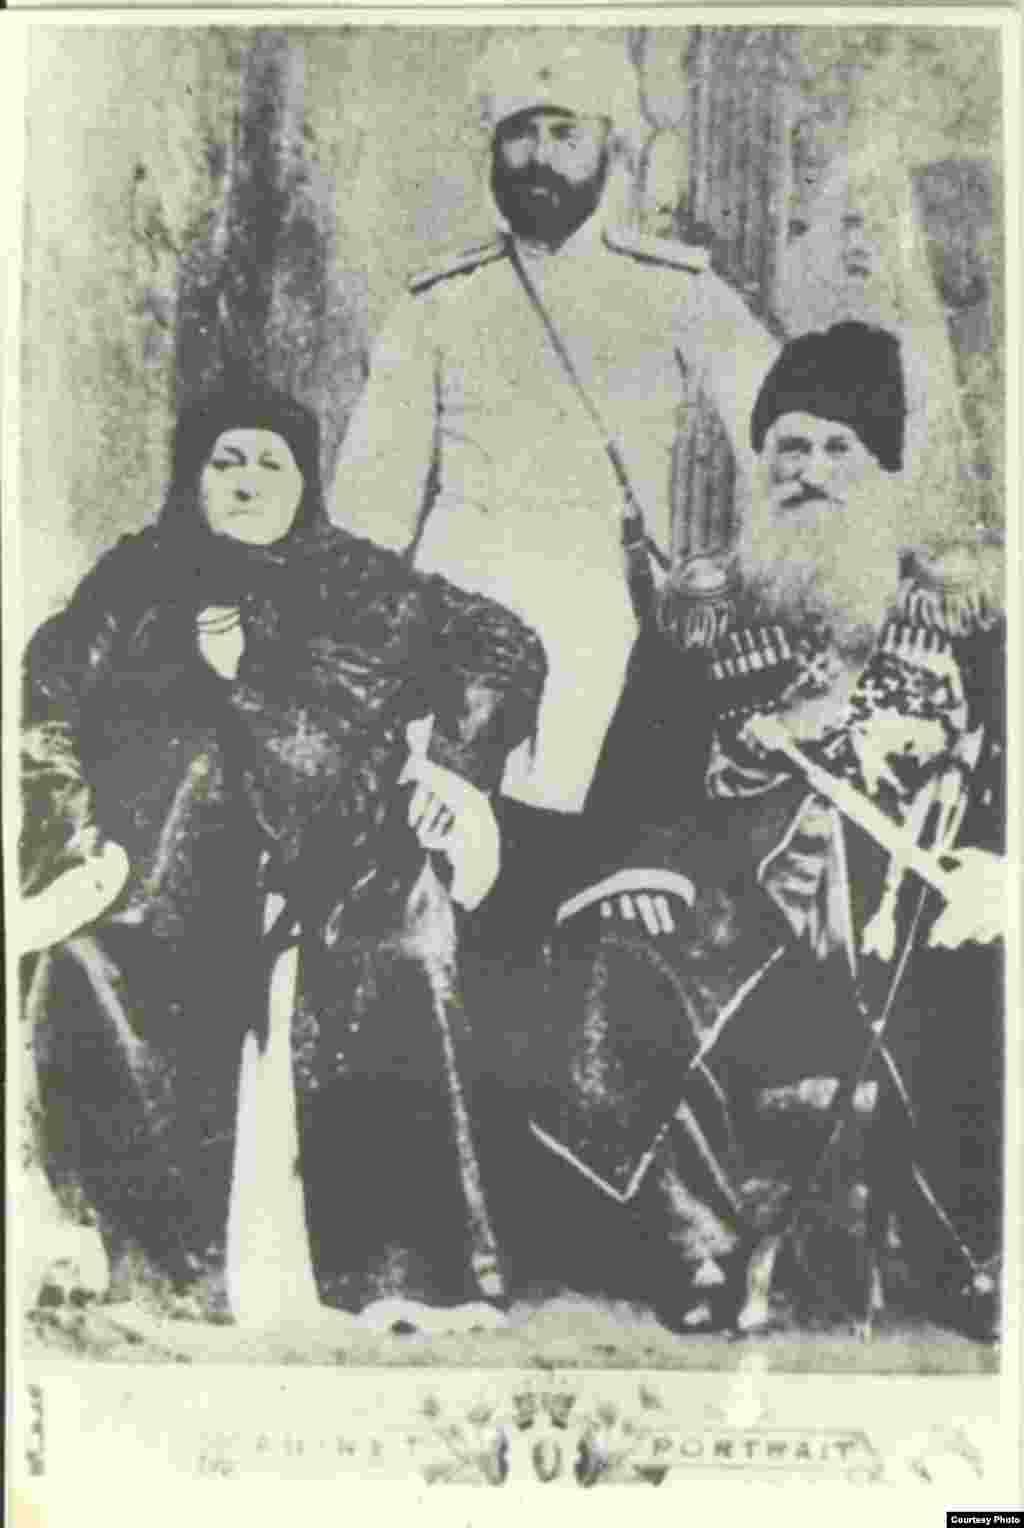 Товза Чермоєва, 1894 р. зі своїм чоловіком Арцу Чермоєвим (генерал-майор, кавалер орденів св. Анни, Володимира, Святослава, Георгія) і сином Арсеміком (офіцер власного конвою російського імператора)